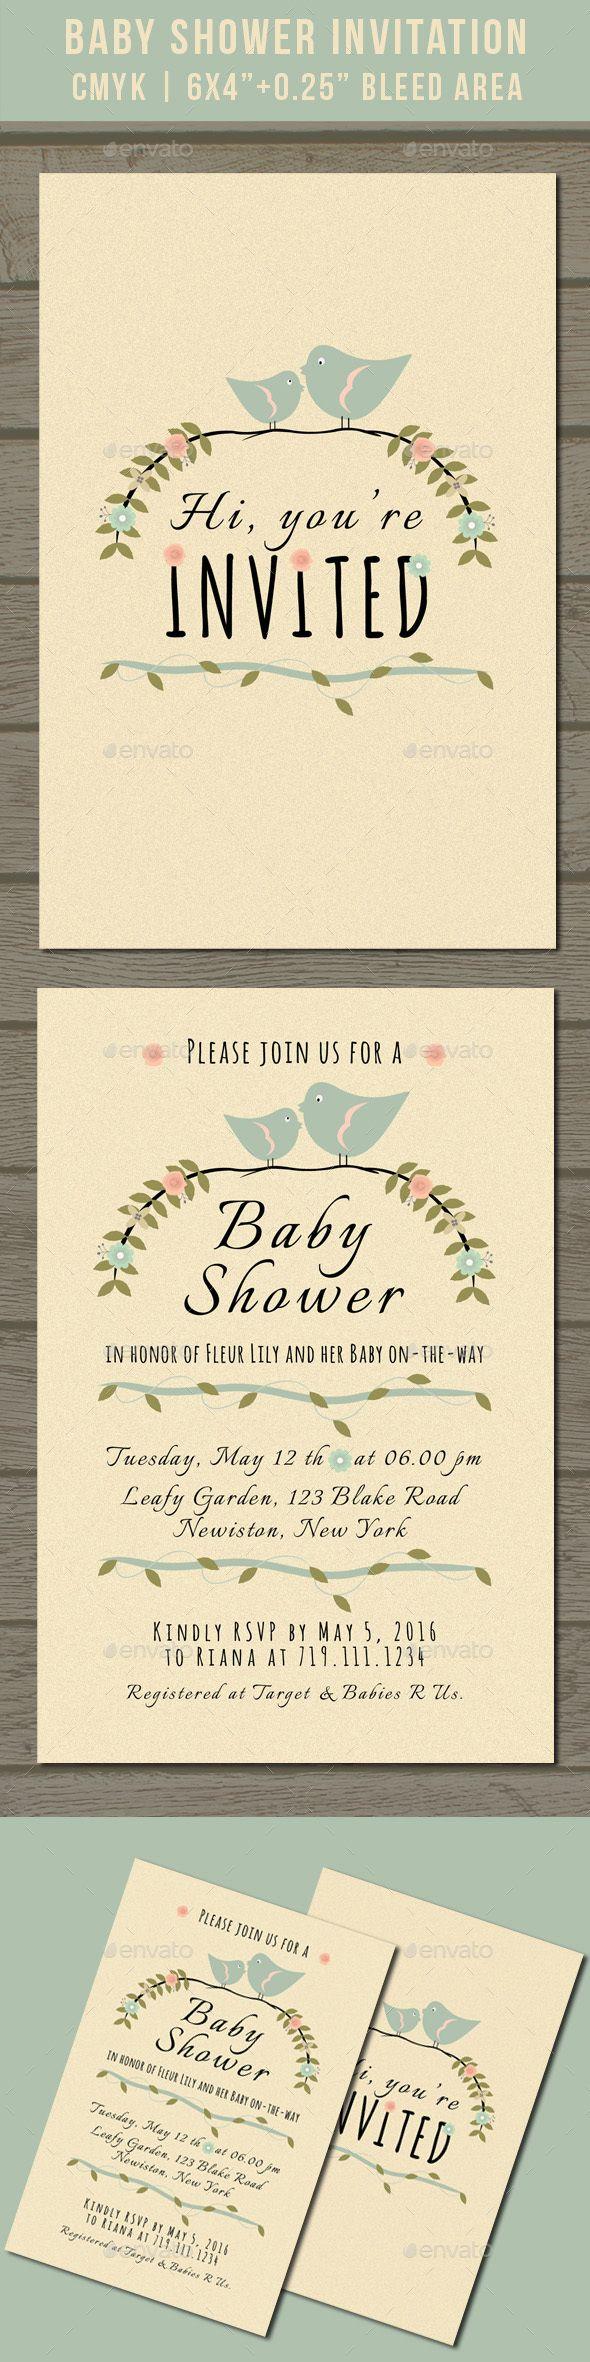 Baby Shower Invitation 7 best Birthday Invitation